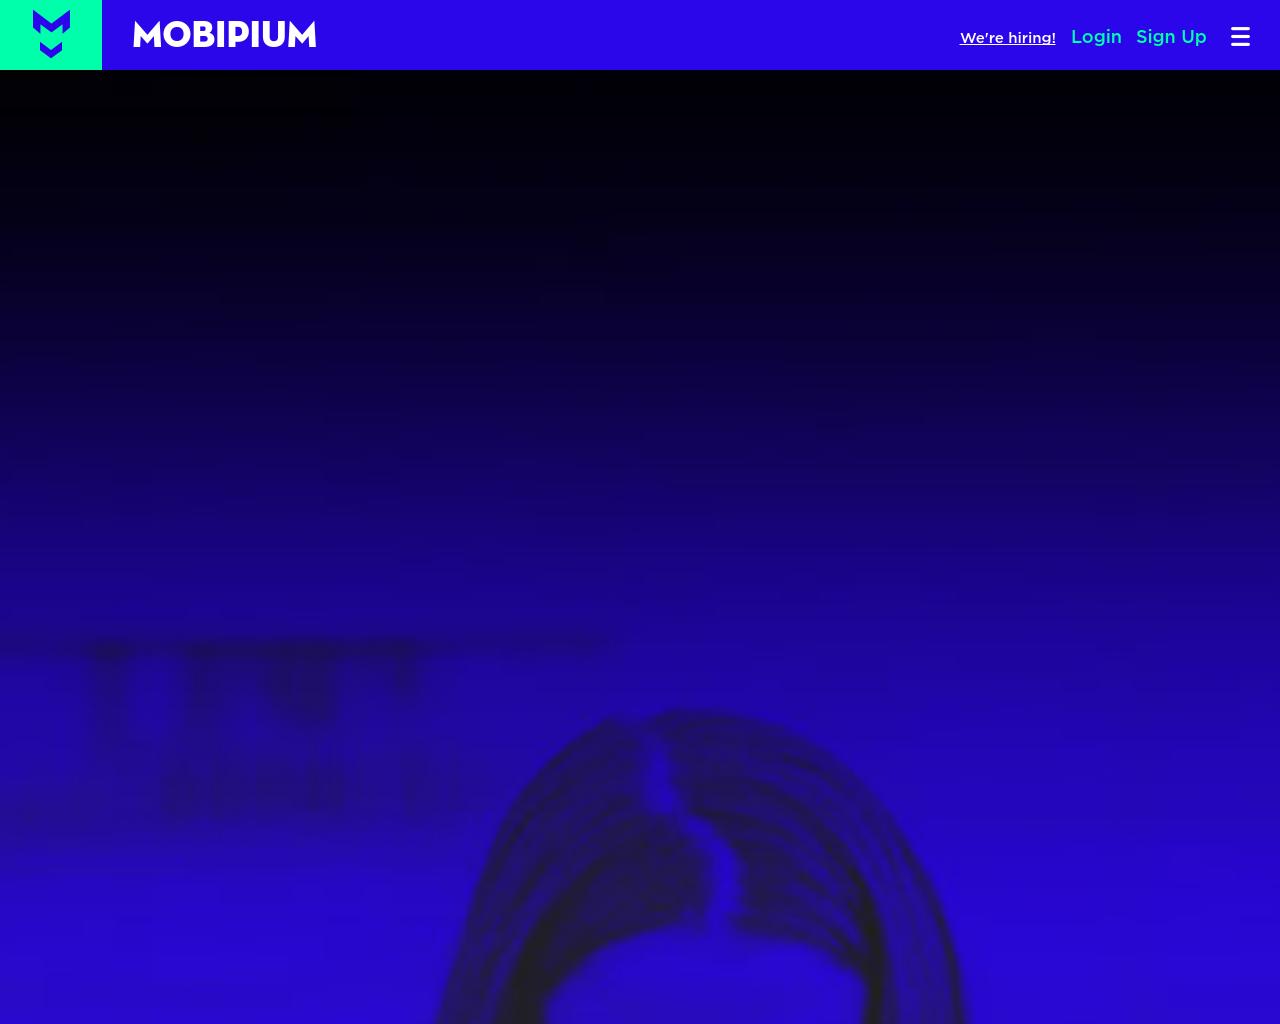 Mobipium-Advertising-Reviews-Pricing